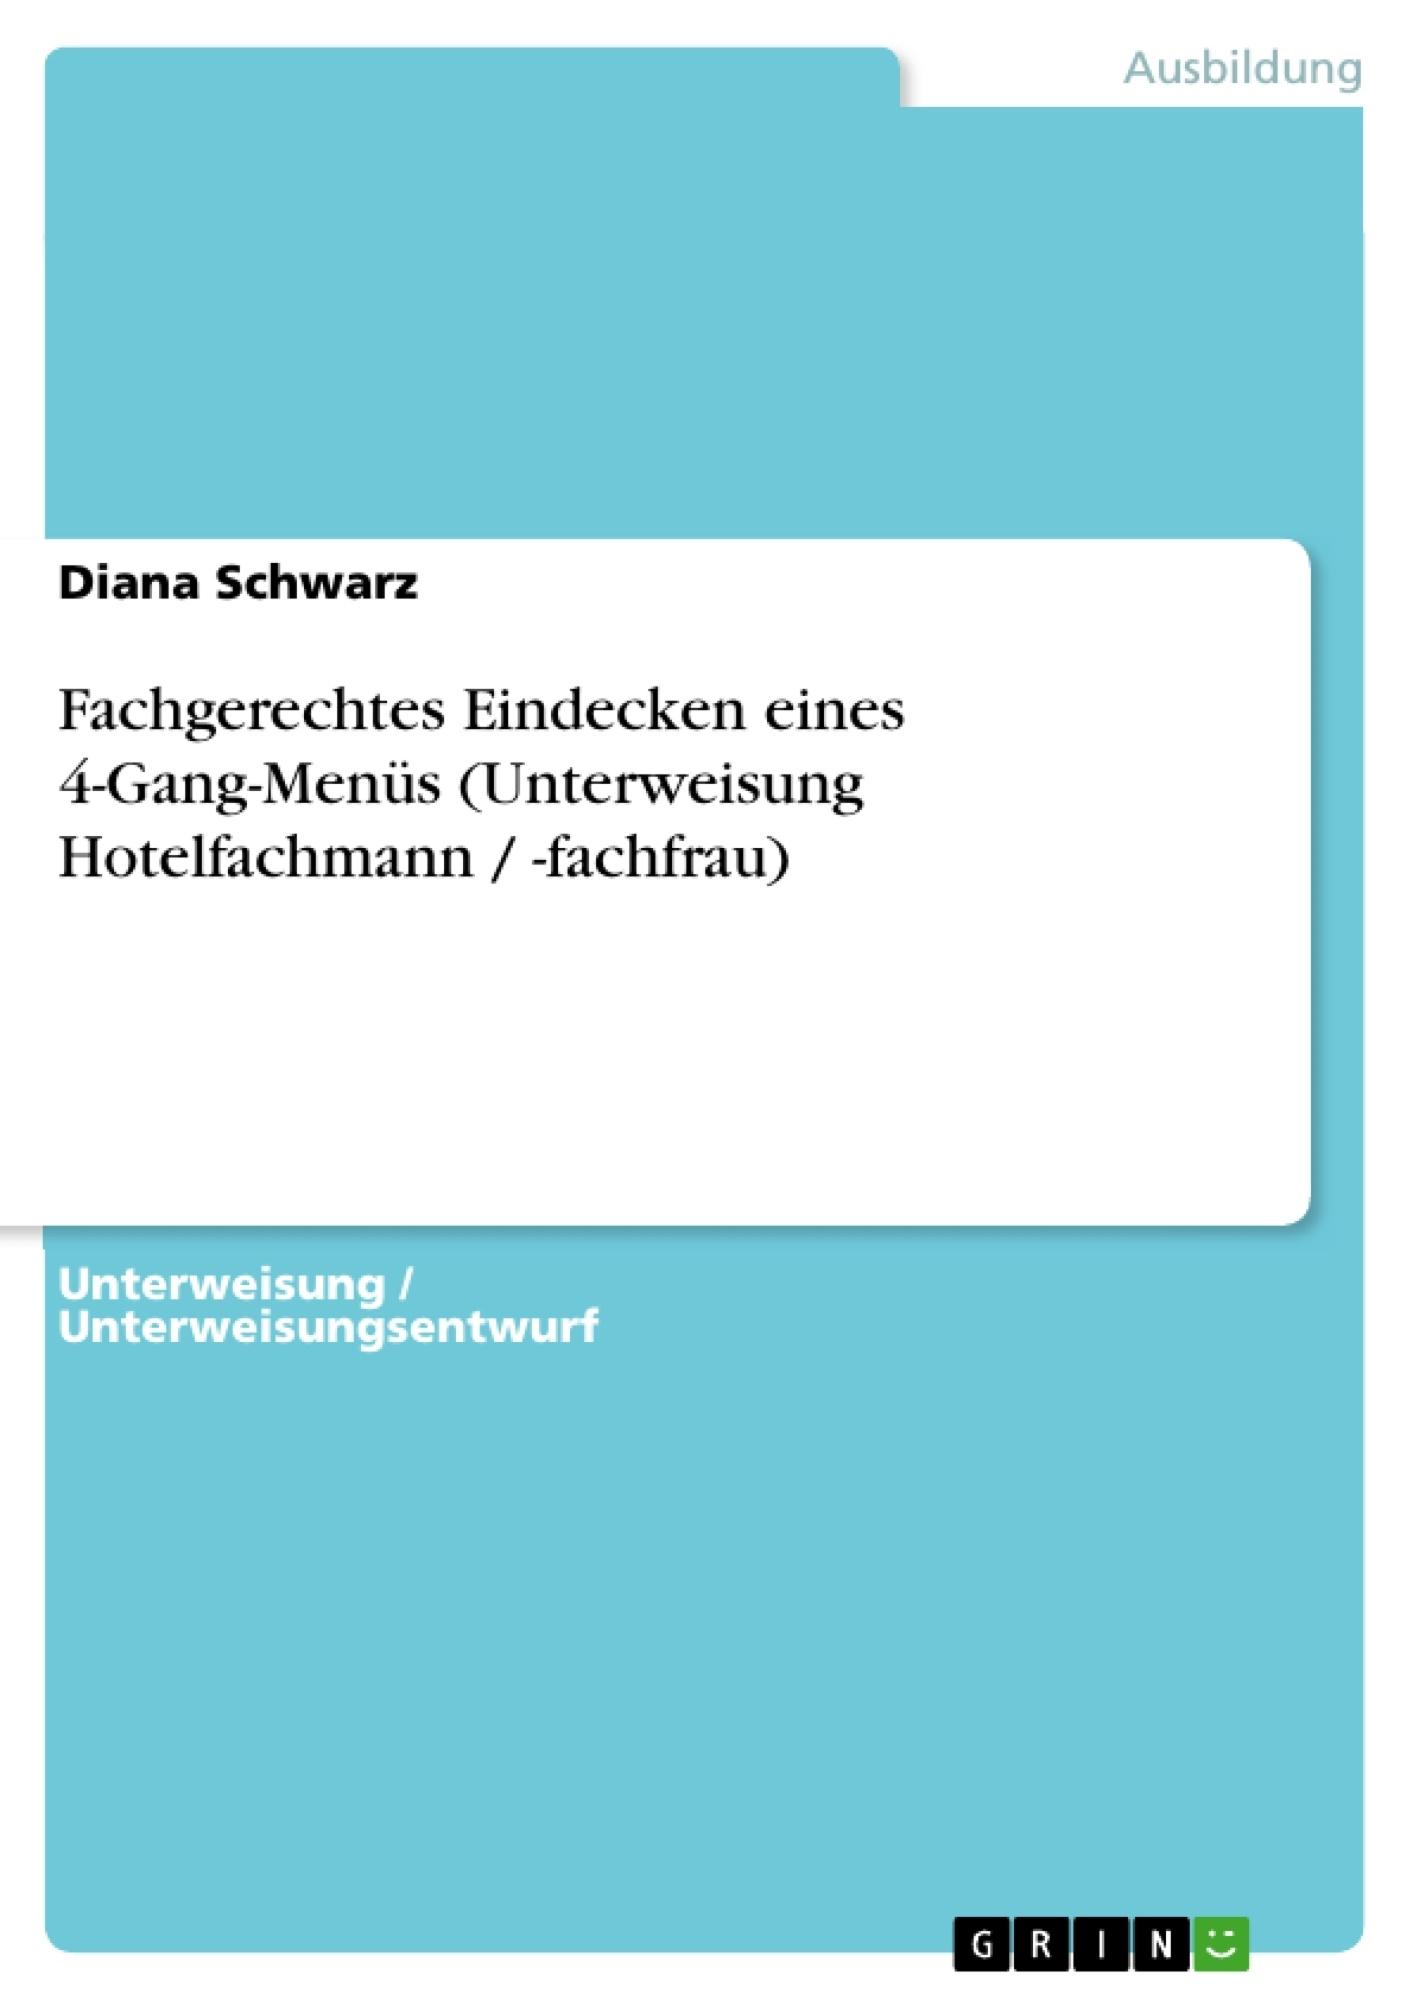 Titel: Fachgerechtes Eindecken eines 4-Gang-Menüs (Unterweisung Hotelfachmann / -fachfrau)